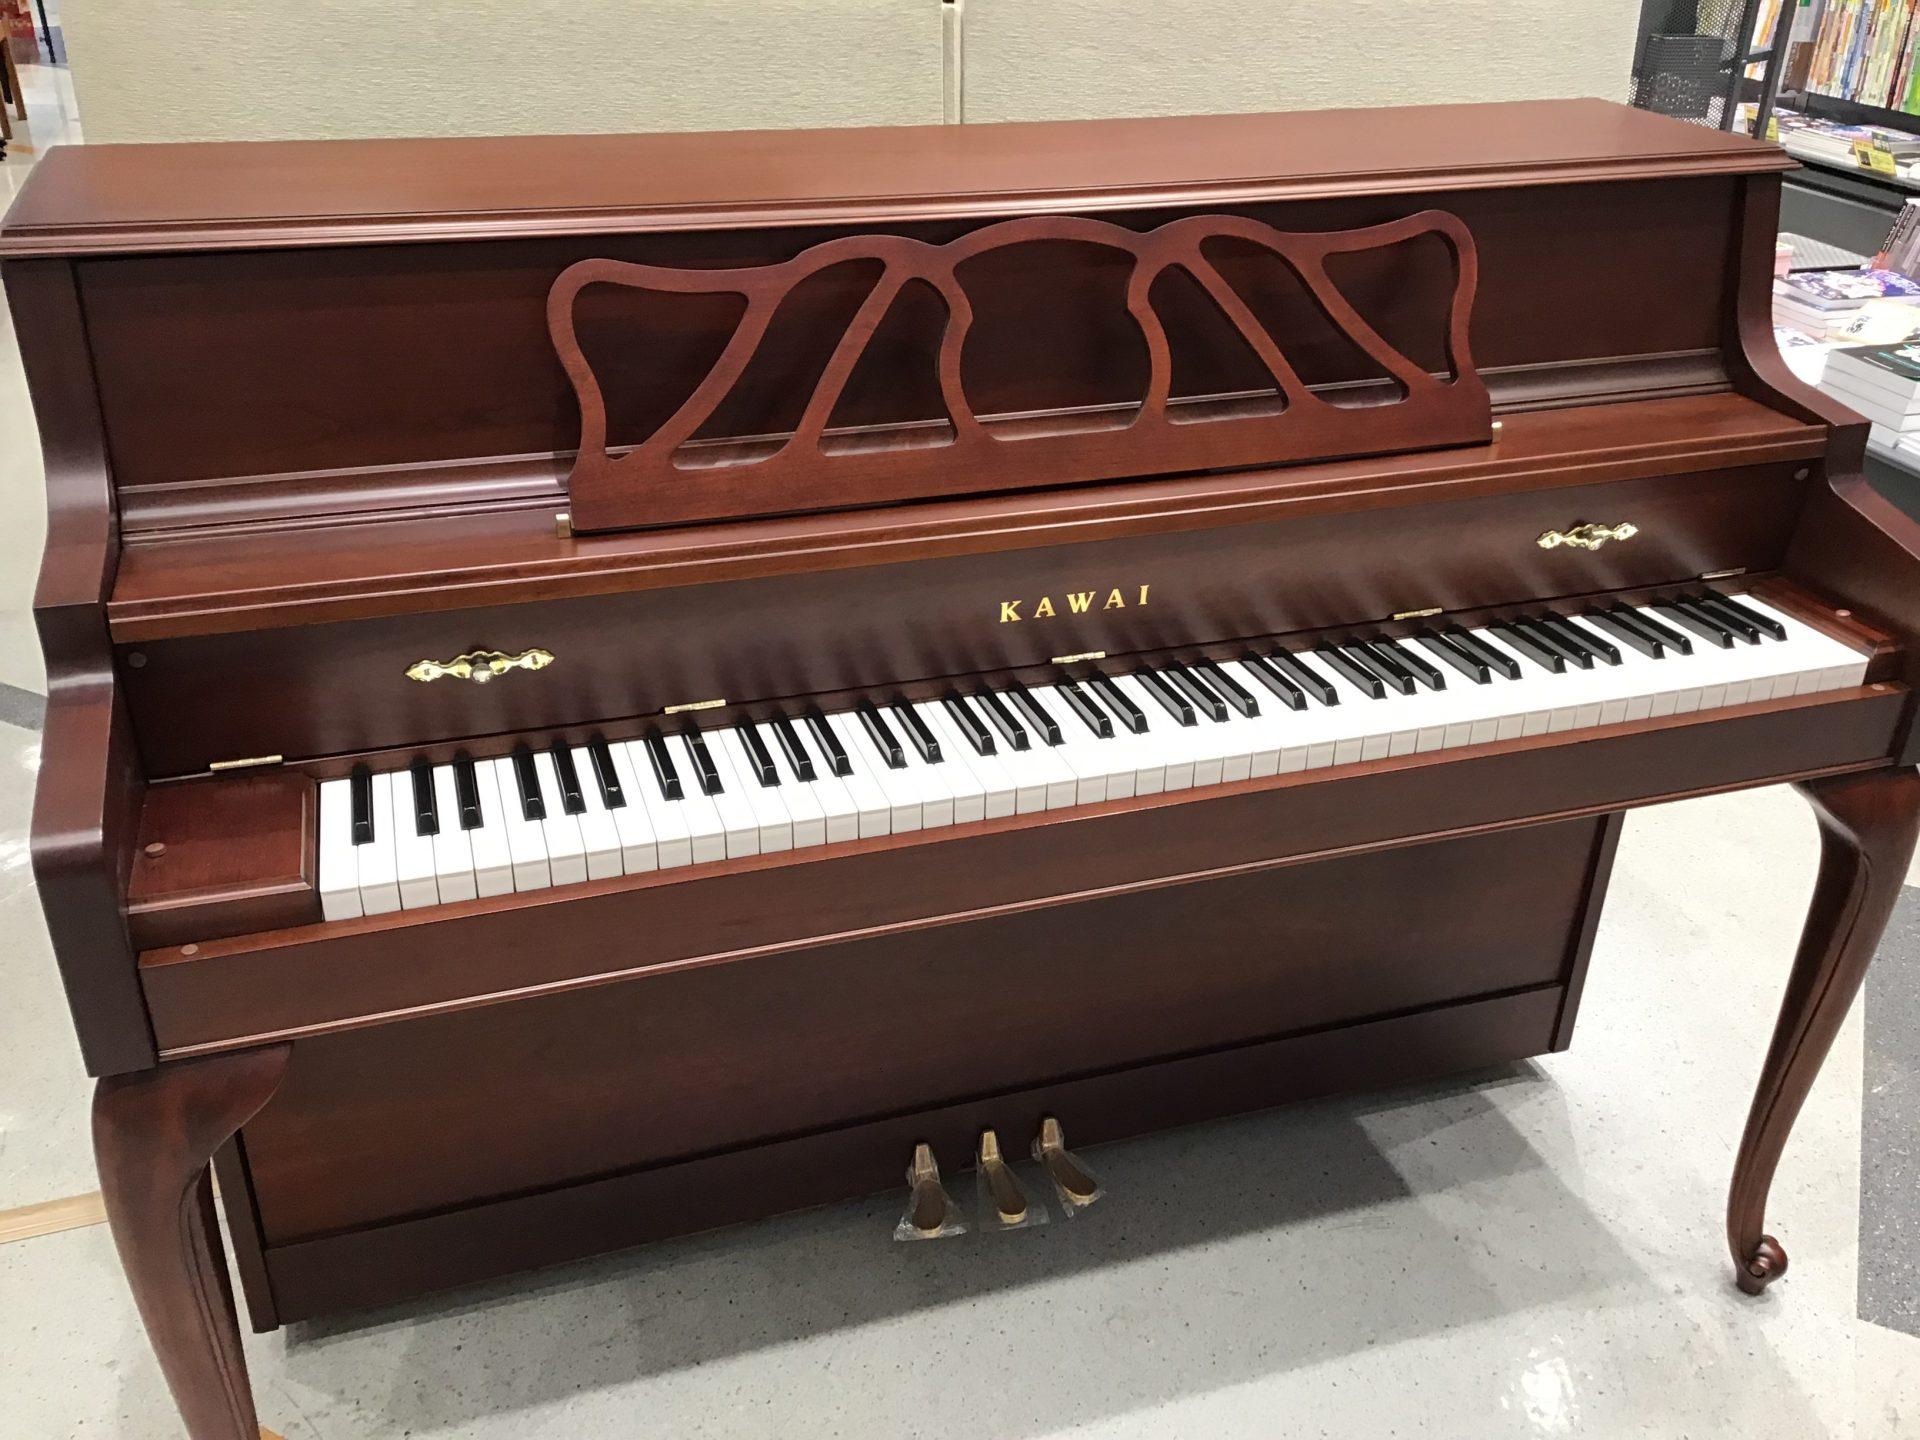 島村楽器イオンモール高崎店 アップライトピアノ 中古ピアノ アコースティックピアノ カワイ KAWAI